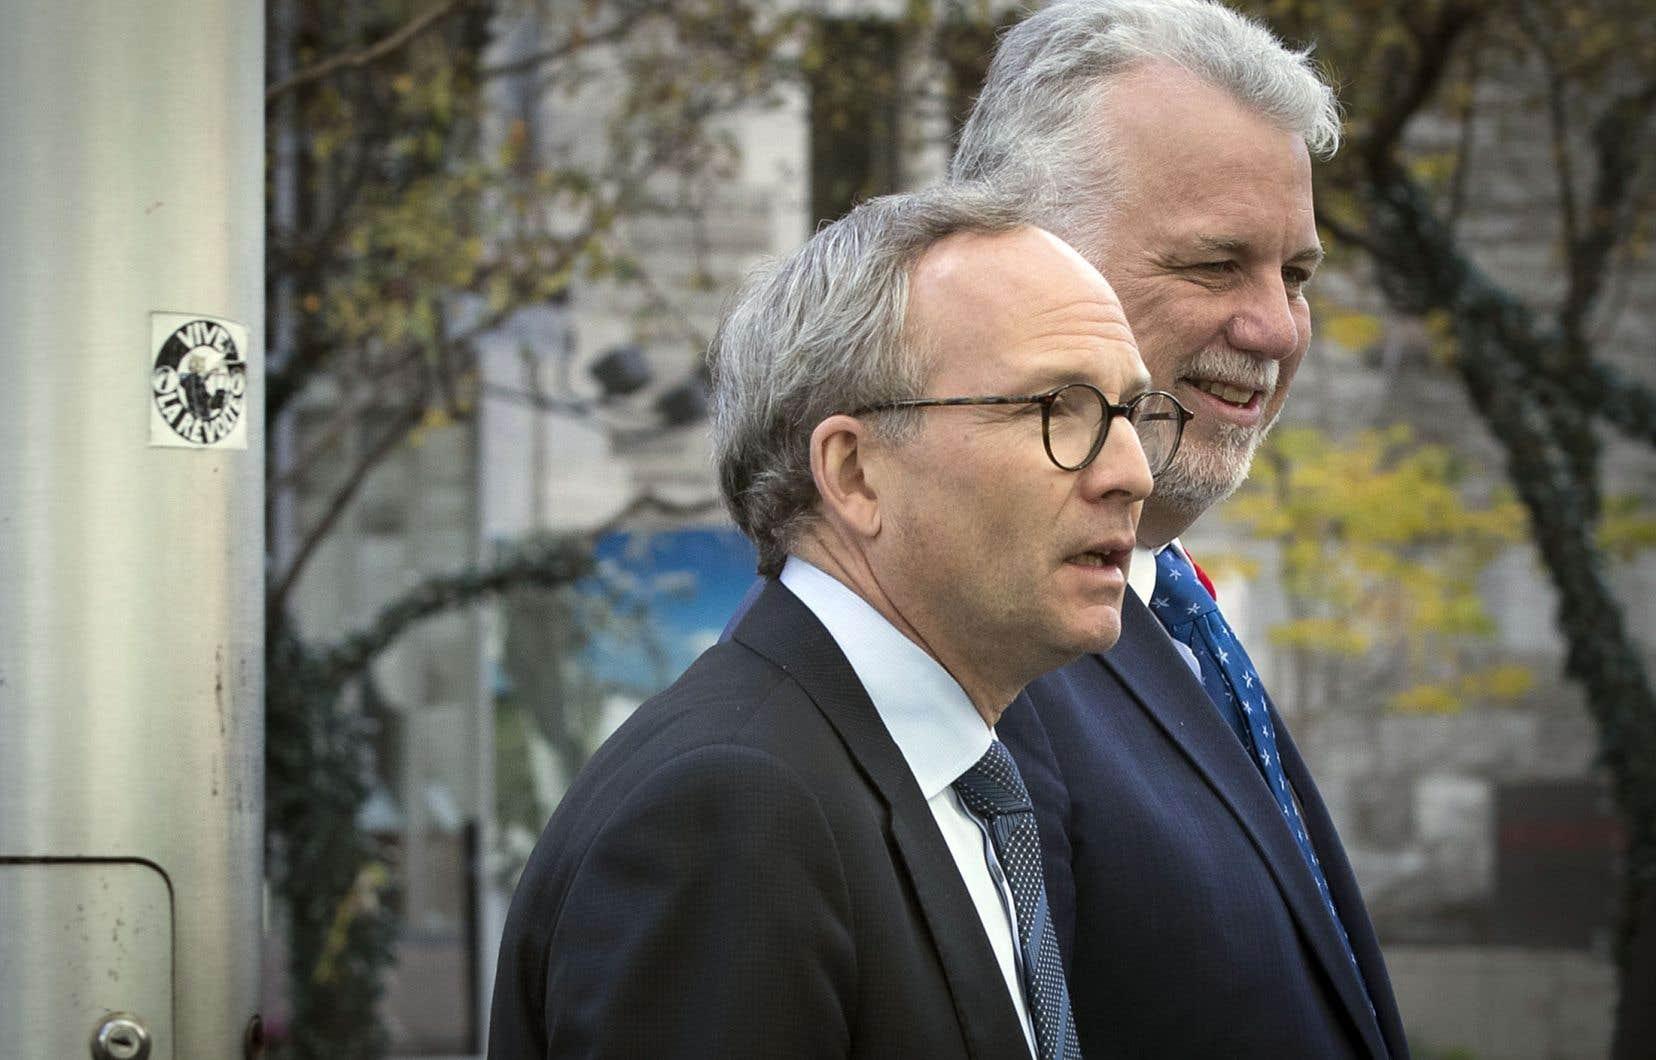 Philippe Couillard et Martin Coiteux, qui sont venus saluer et féliciter la nouvelle élue lundi matin, ont affirmé être ouverts à travailler avec MmePlante sur les enjeux de mobilité, sans toutefois donner plus de détails.